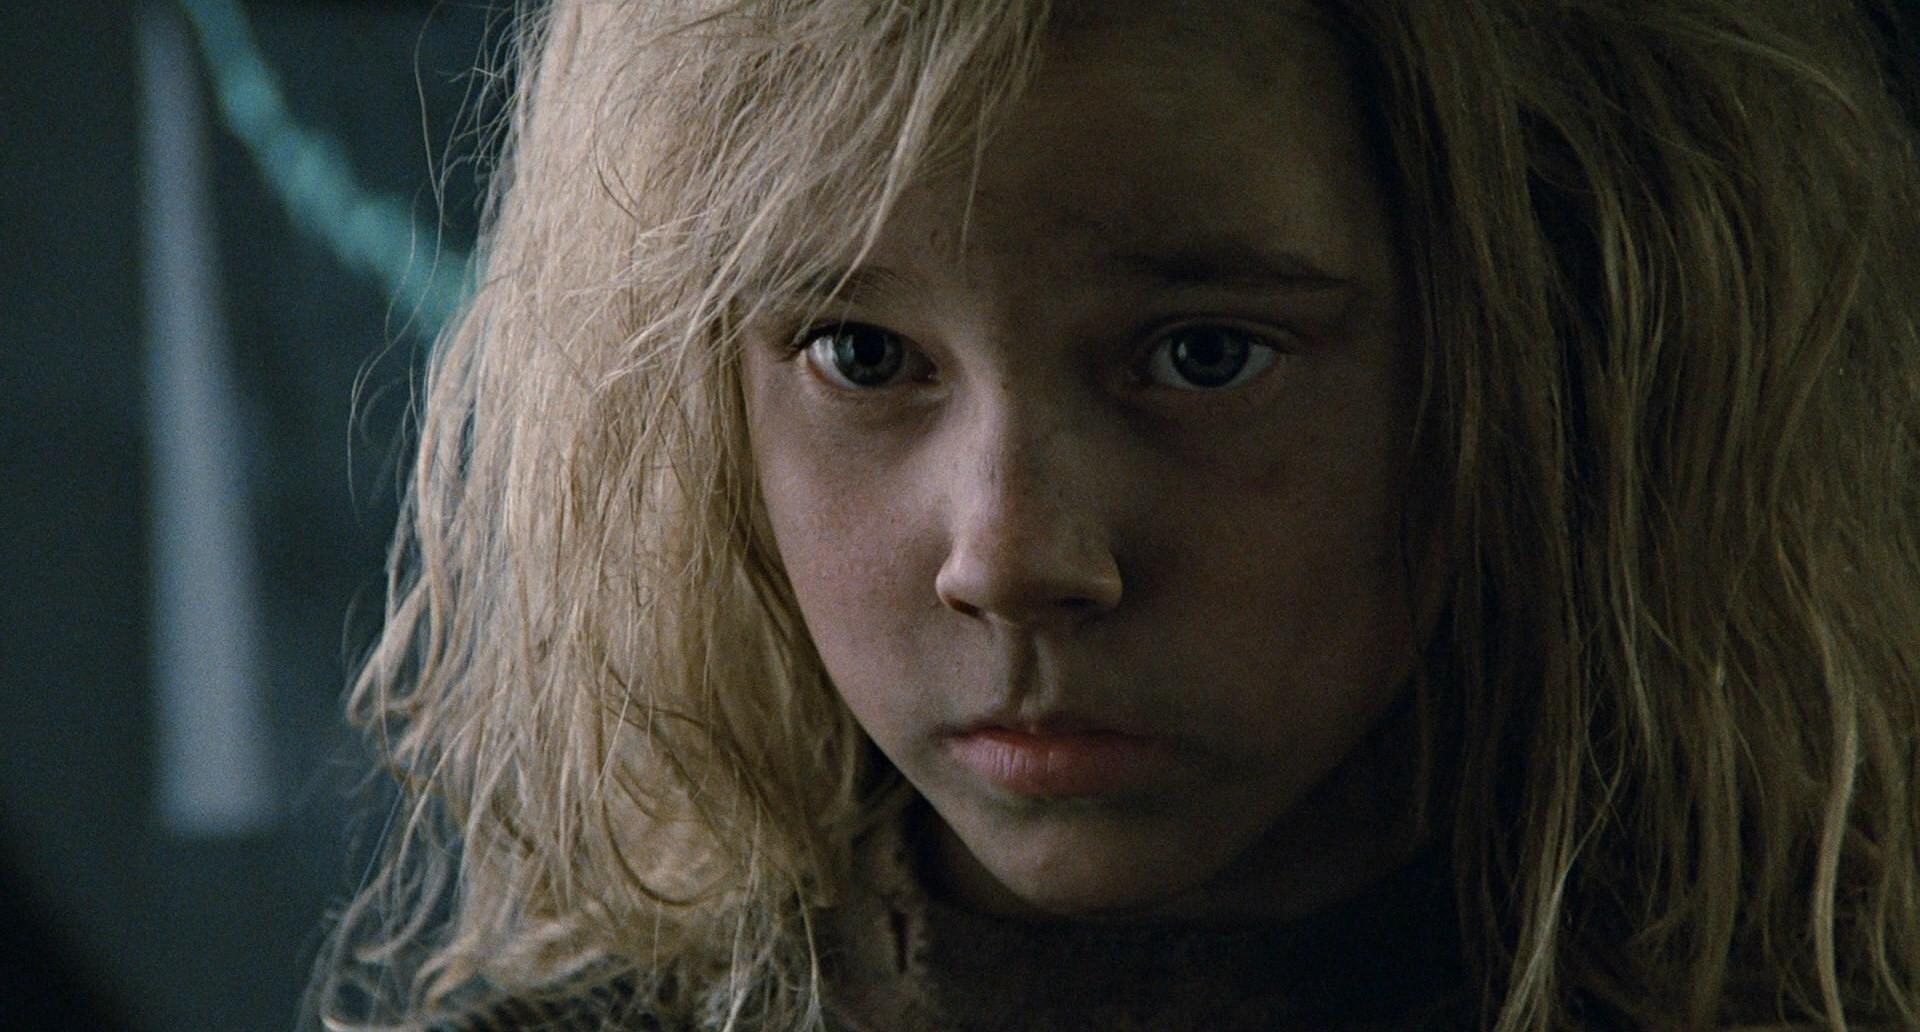 Grown-Up Newt To Star In Neill Blomkamp's Alien 5